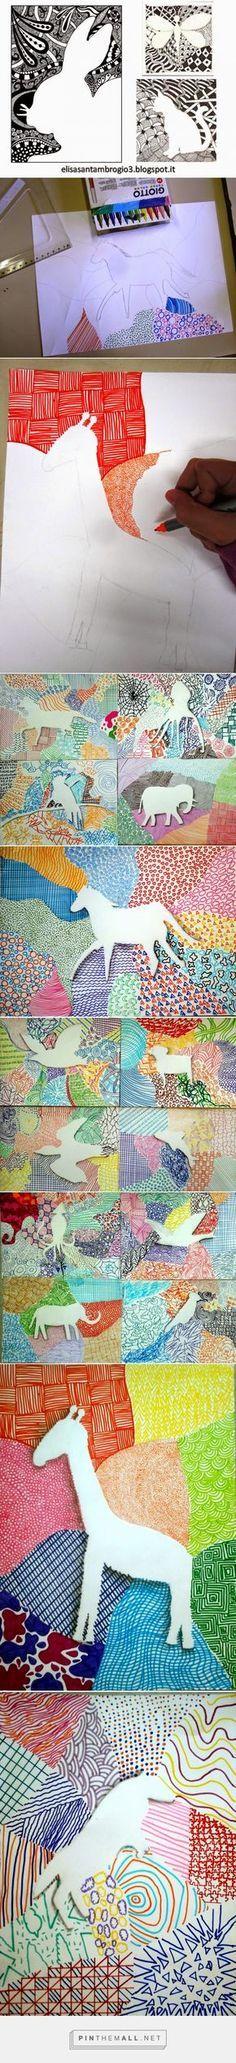 immagin@rti: Background texturizzato. Gli animali. - created via http://pinthemall.net